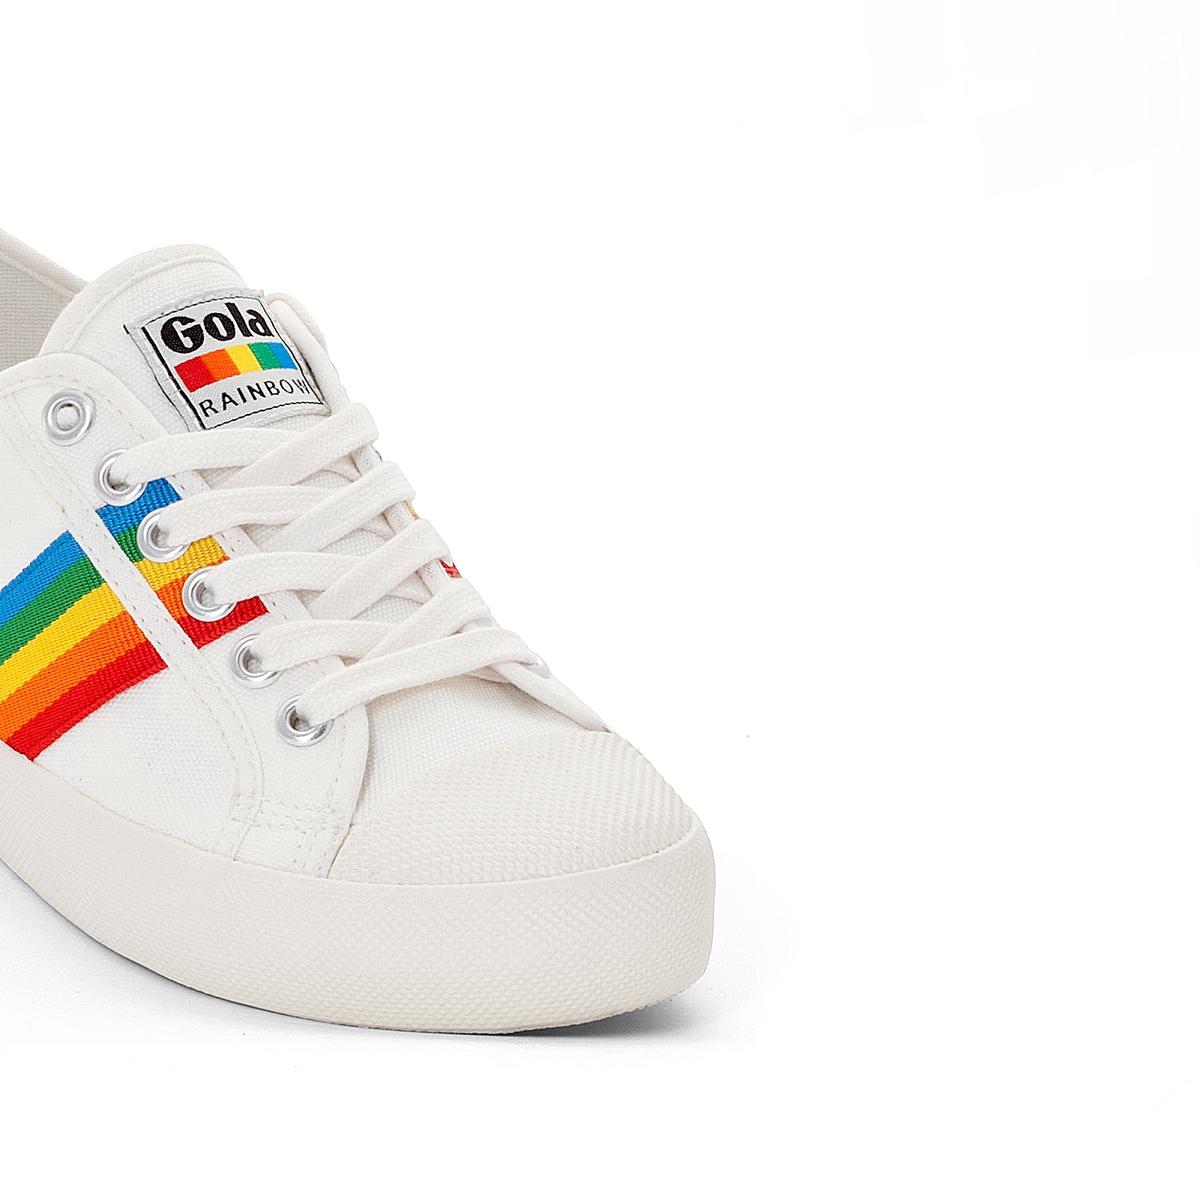 Imagen adicional 2 de producto de Zapatillas Coaster Rainbow - Gola